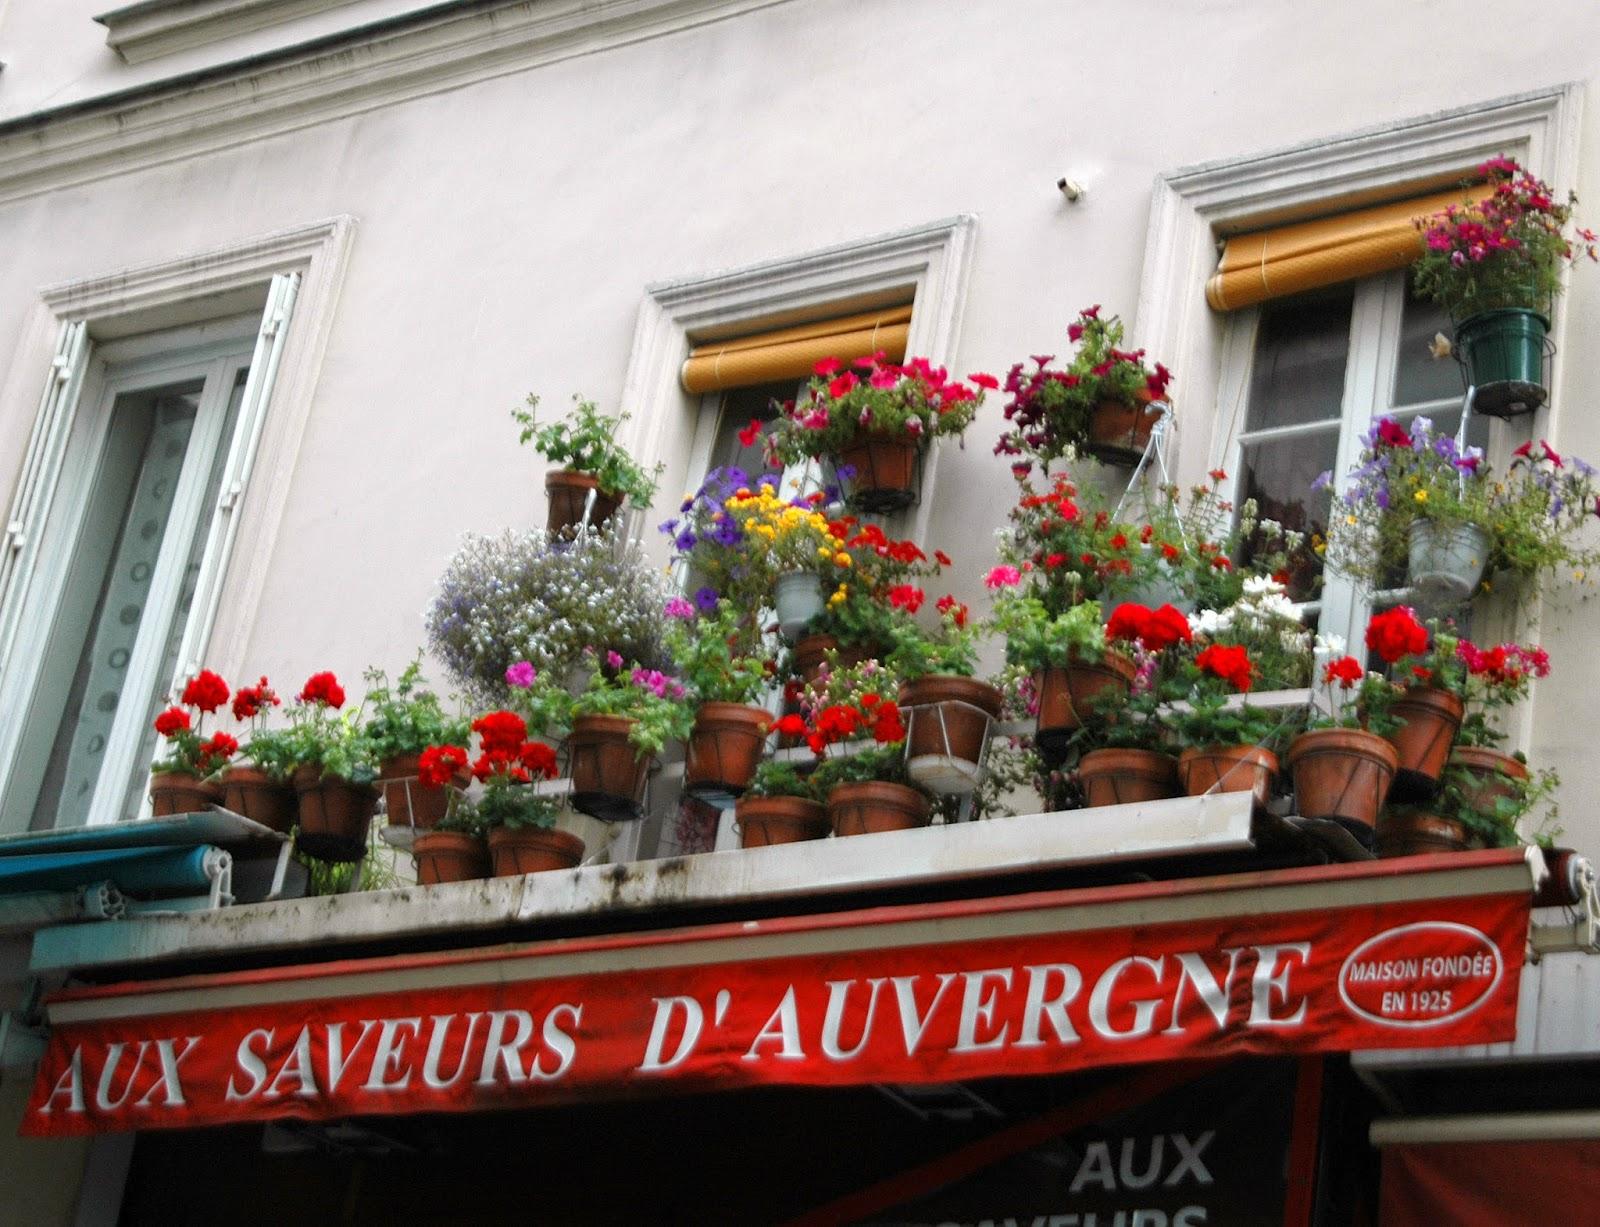 paris and beyond aux saveurs d 39 auvergne des fleurs. Black Bedroom Furniture Sets. Home Design Ideas